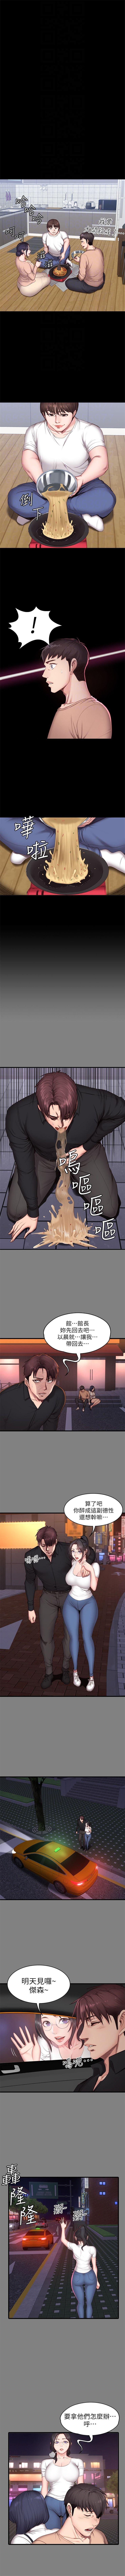 健身教練 1-56 官方中文(連載中) 86